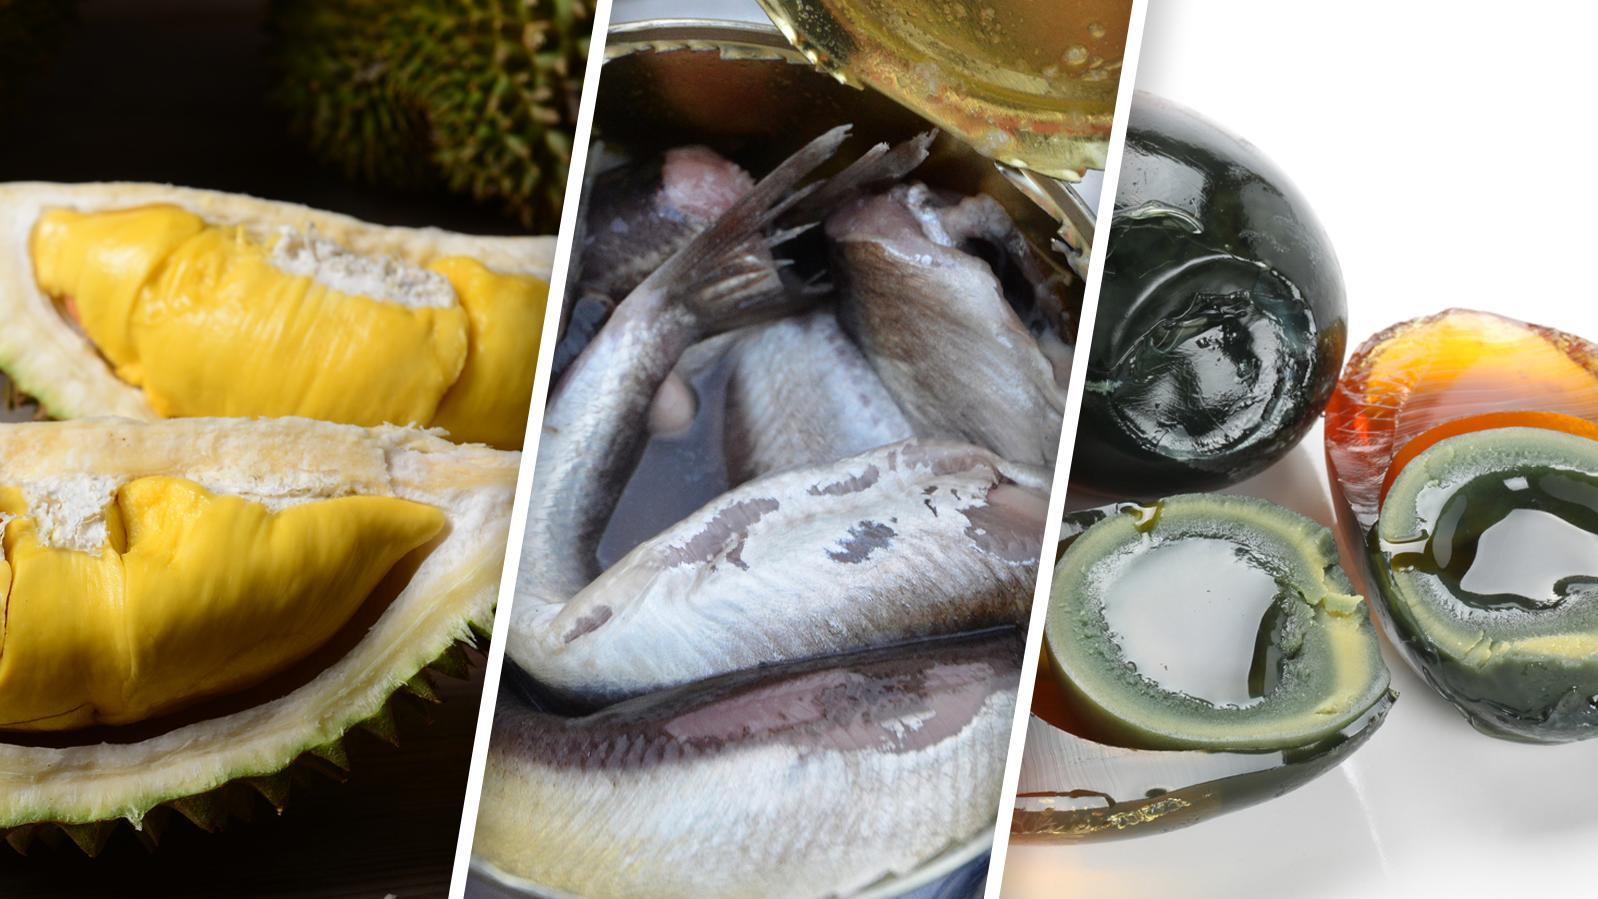 Lebensmittel wie diese gelten in bestimmten Ländern als Delikatessen.